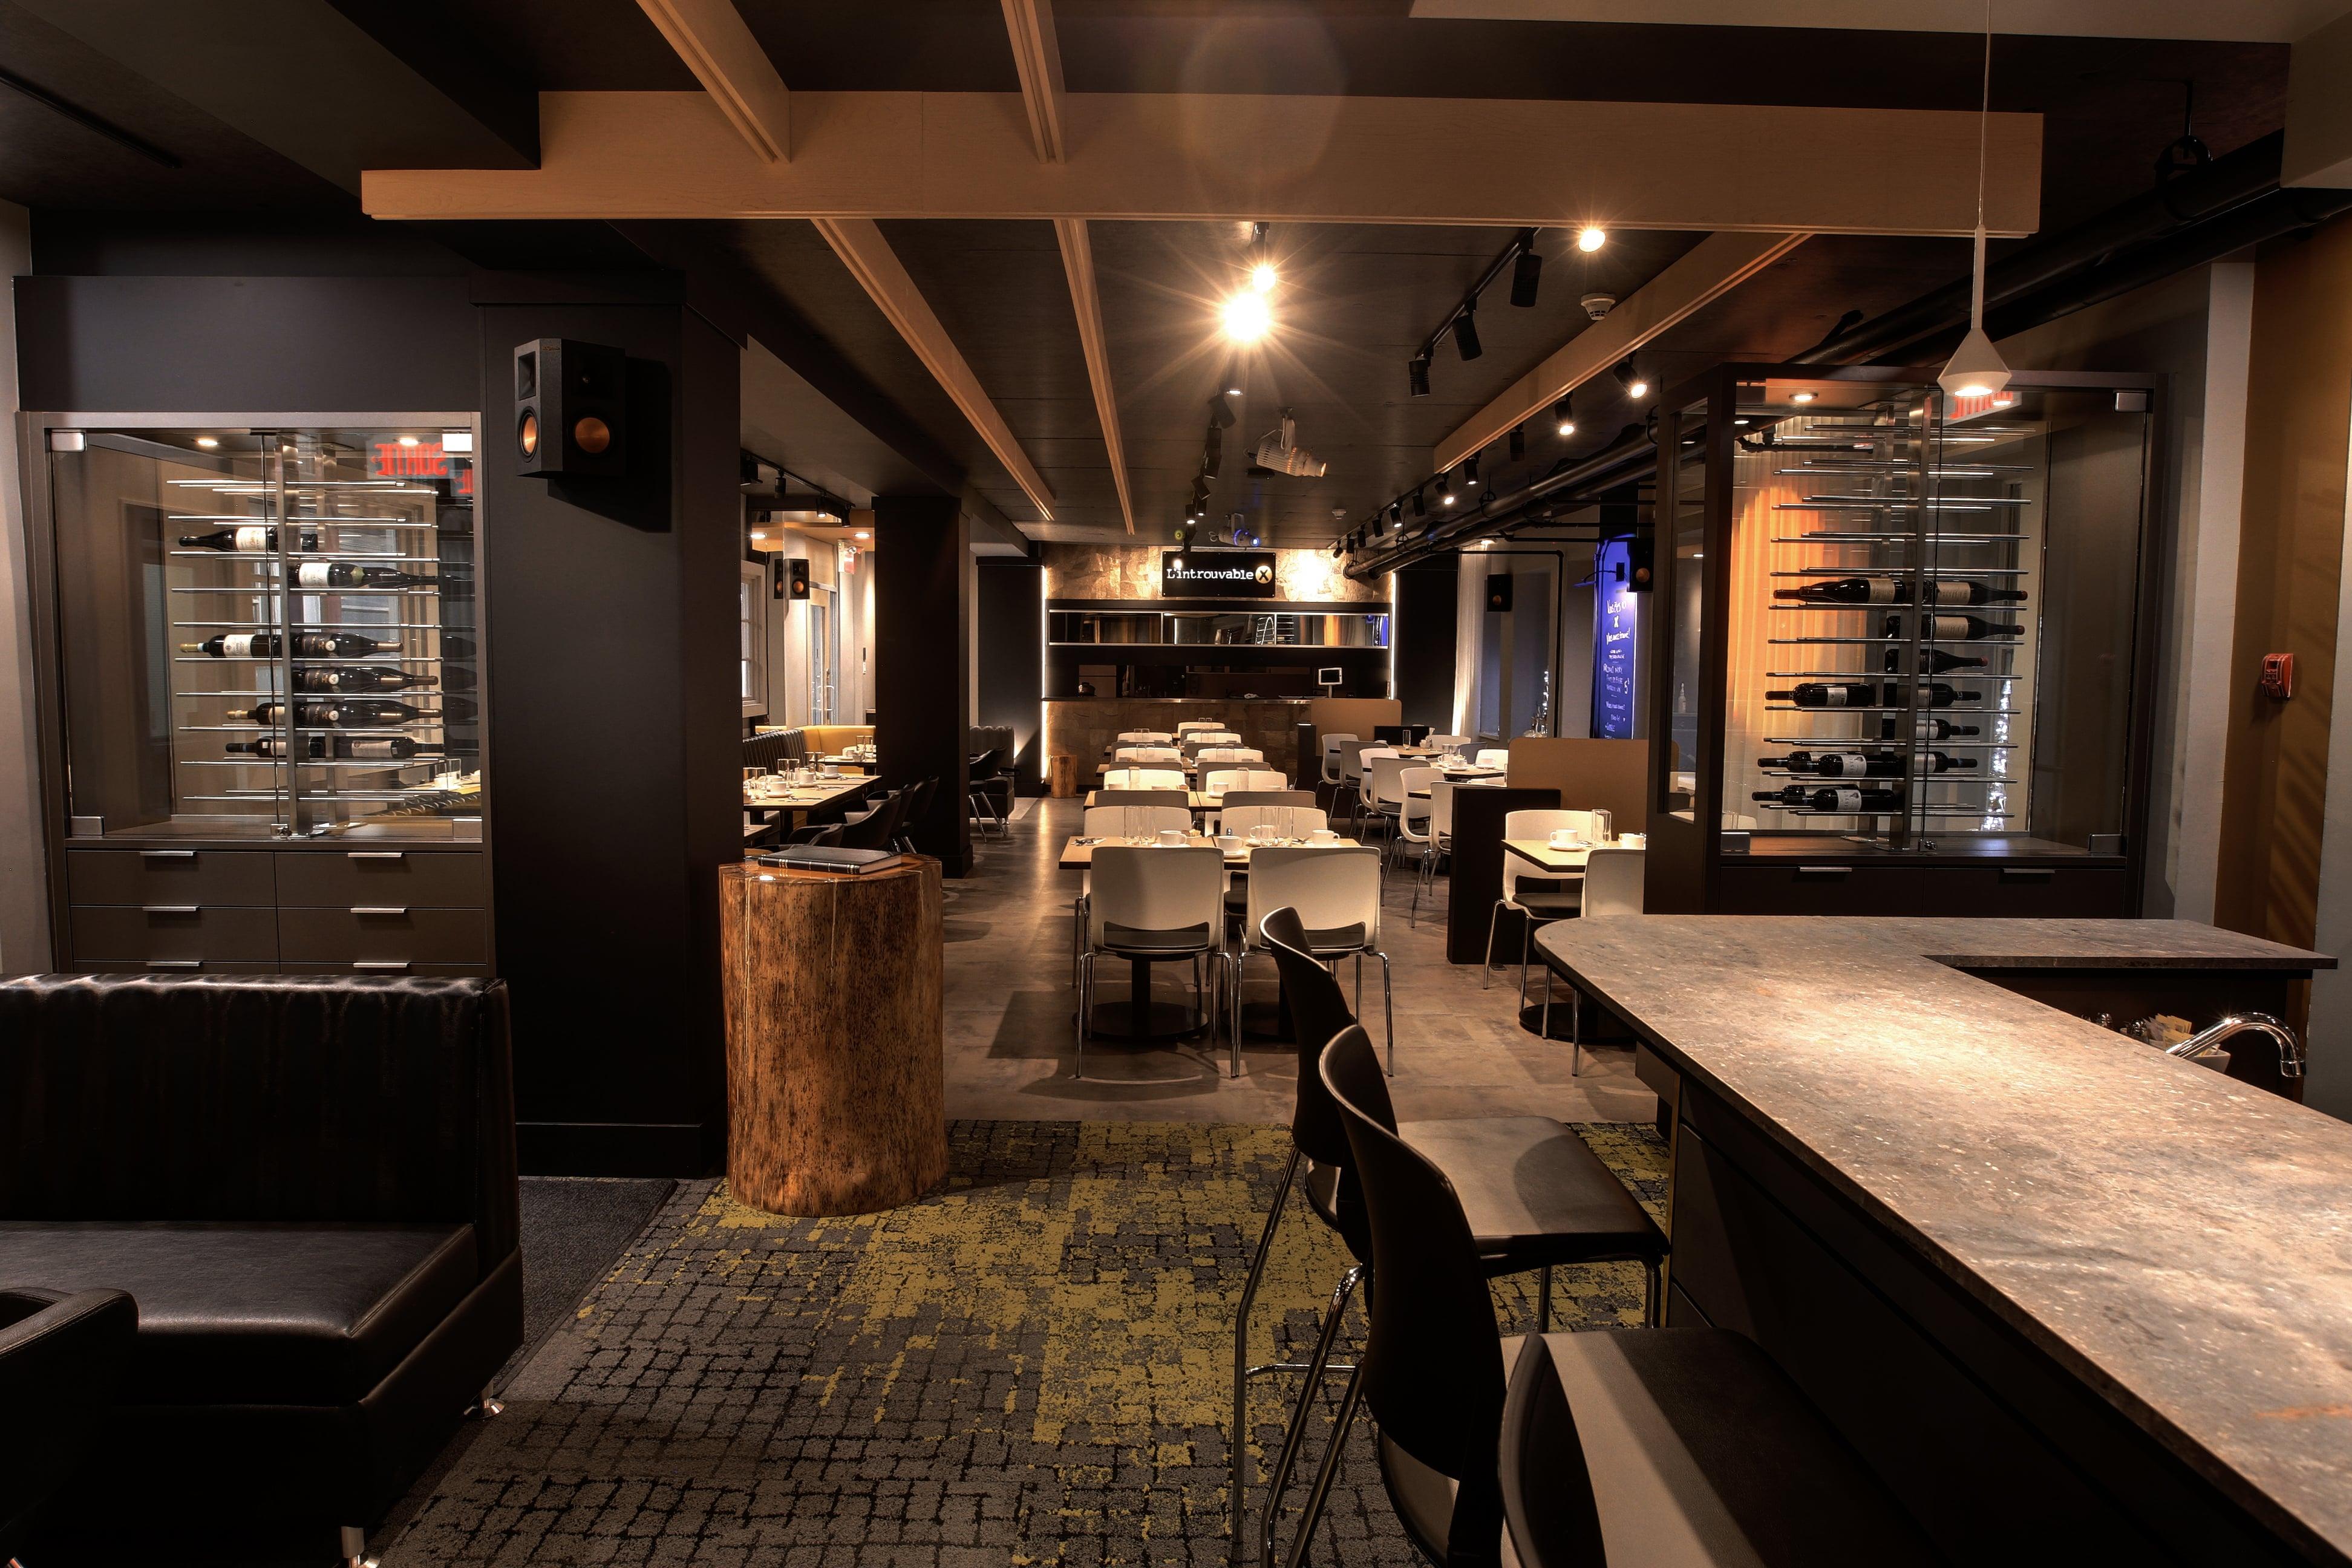 Restaurant L'introuvable soir